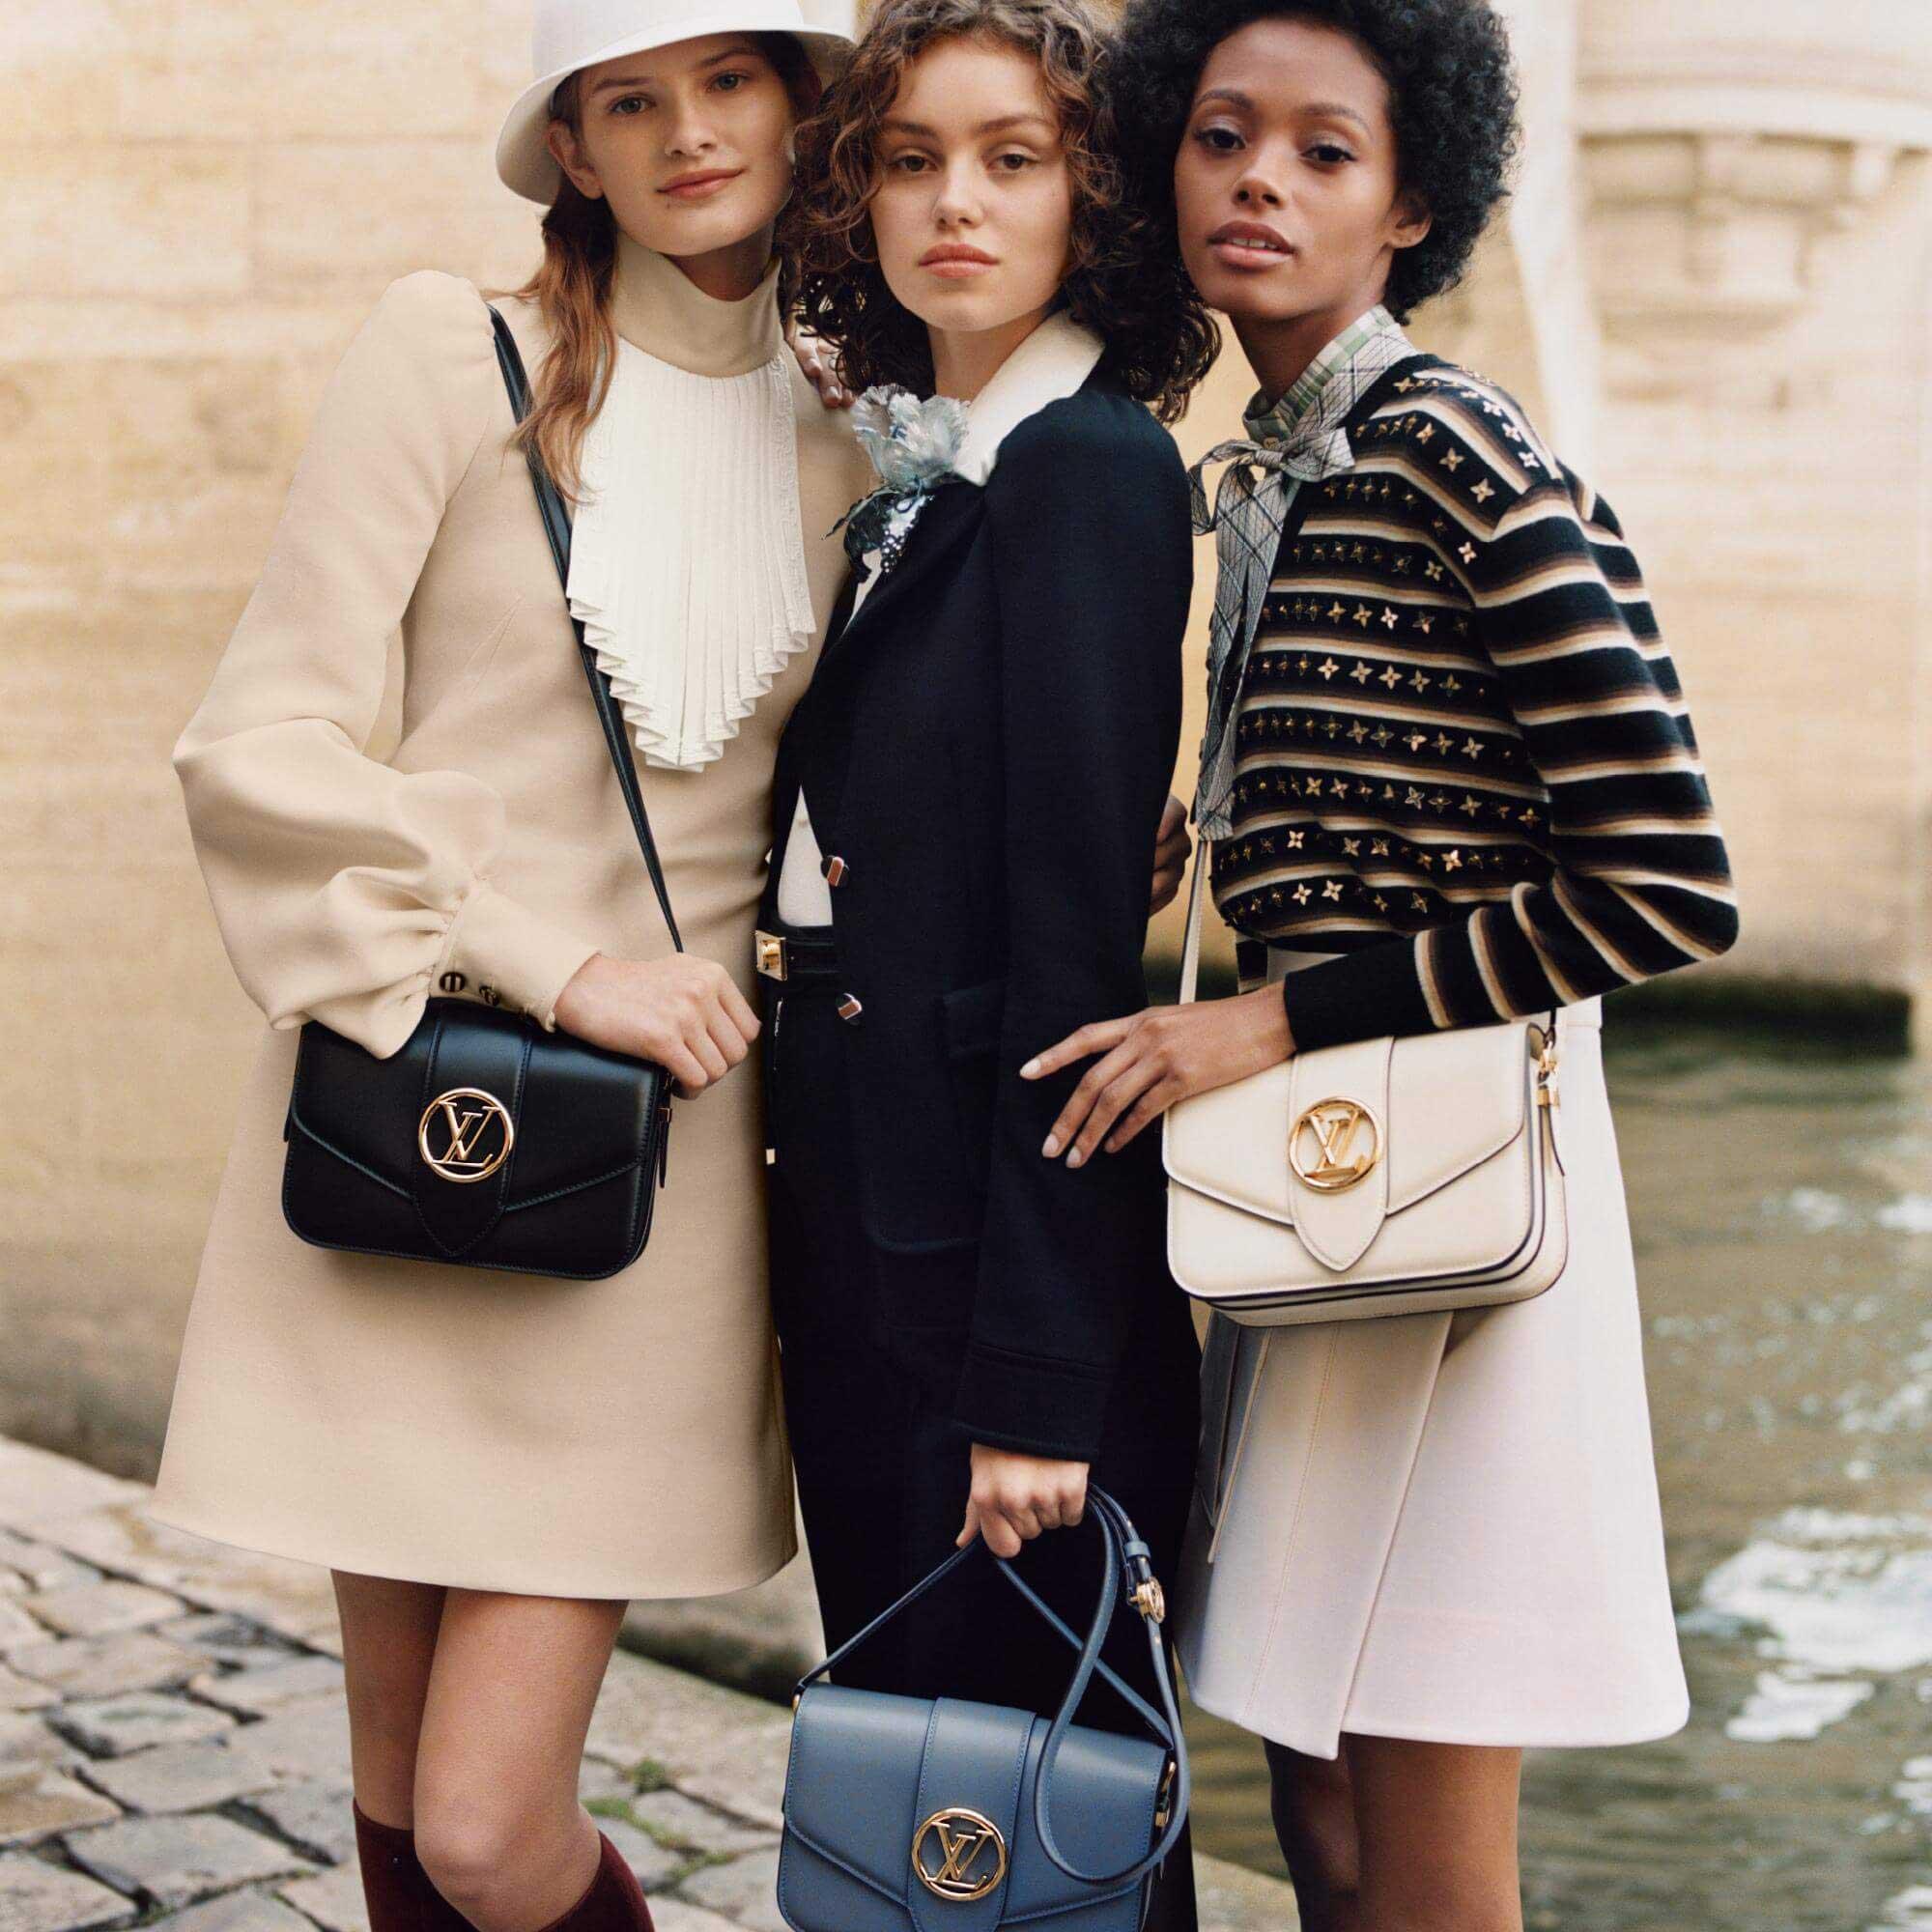 Người mẫu mặc trang phục cổ điển, đeo túi LV Pont 9 màu trắng, đen và xanh